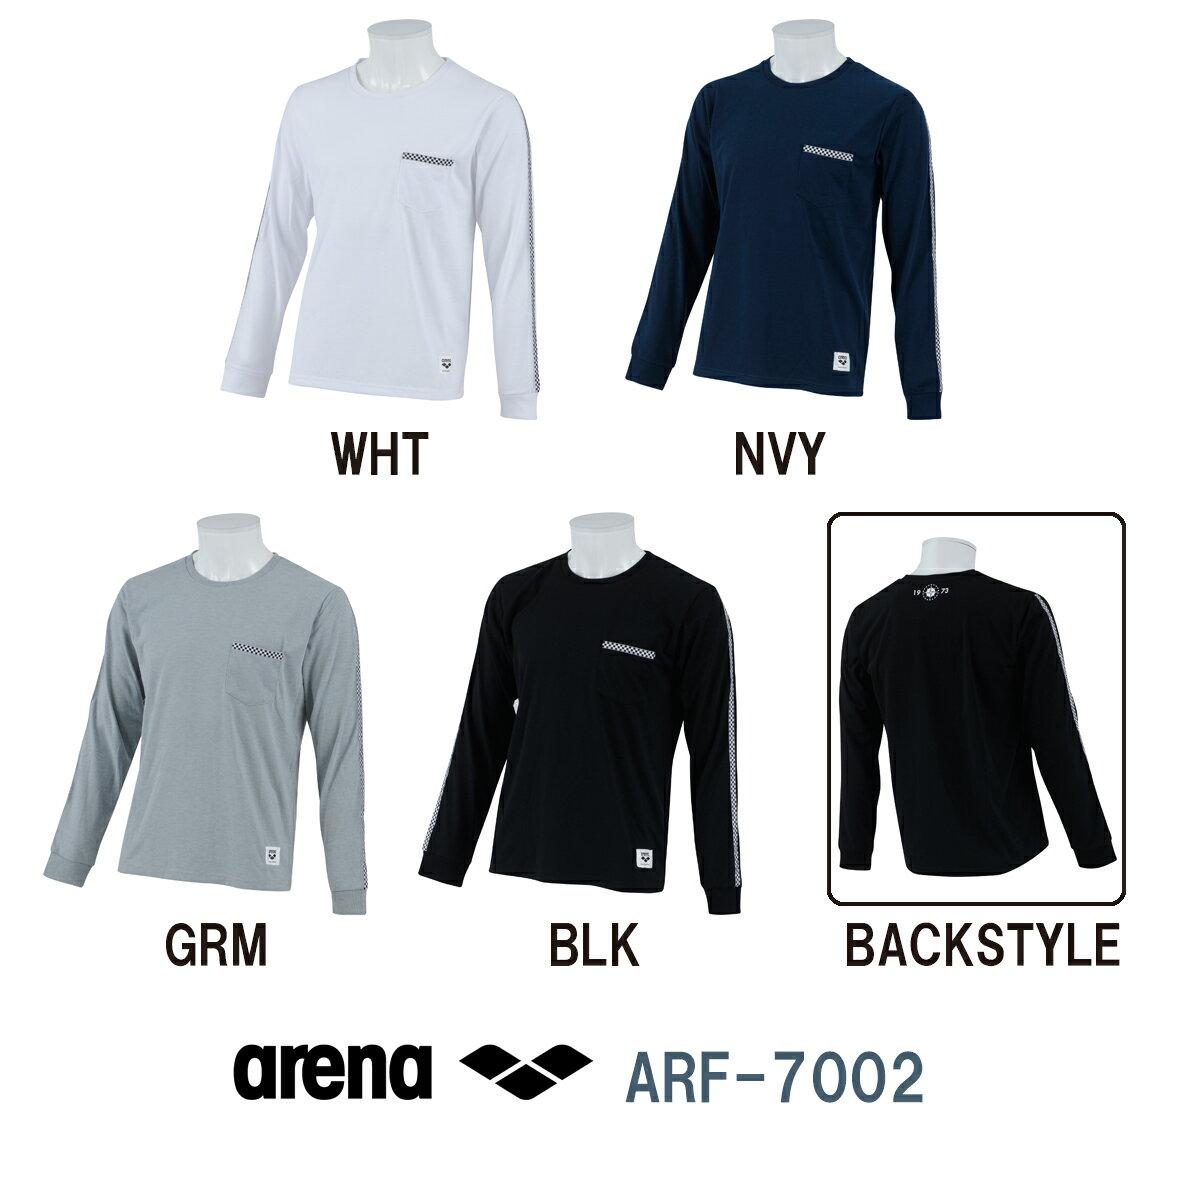 ARENA アリーナ ロングスリーブシャツ MVS天竺 2017年FWモデル ARF-7002-HK